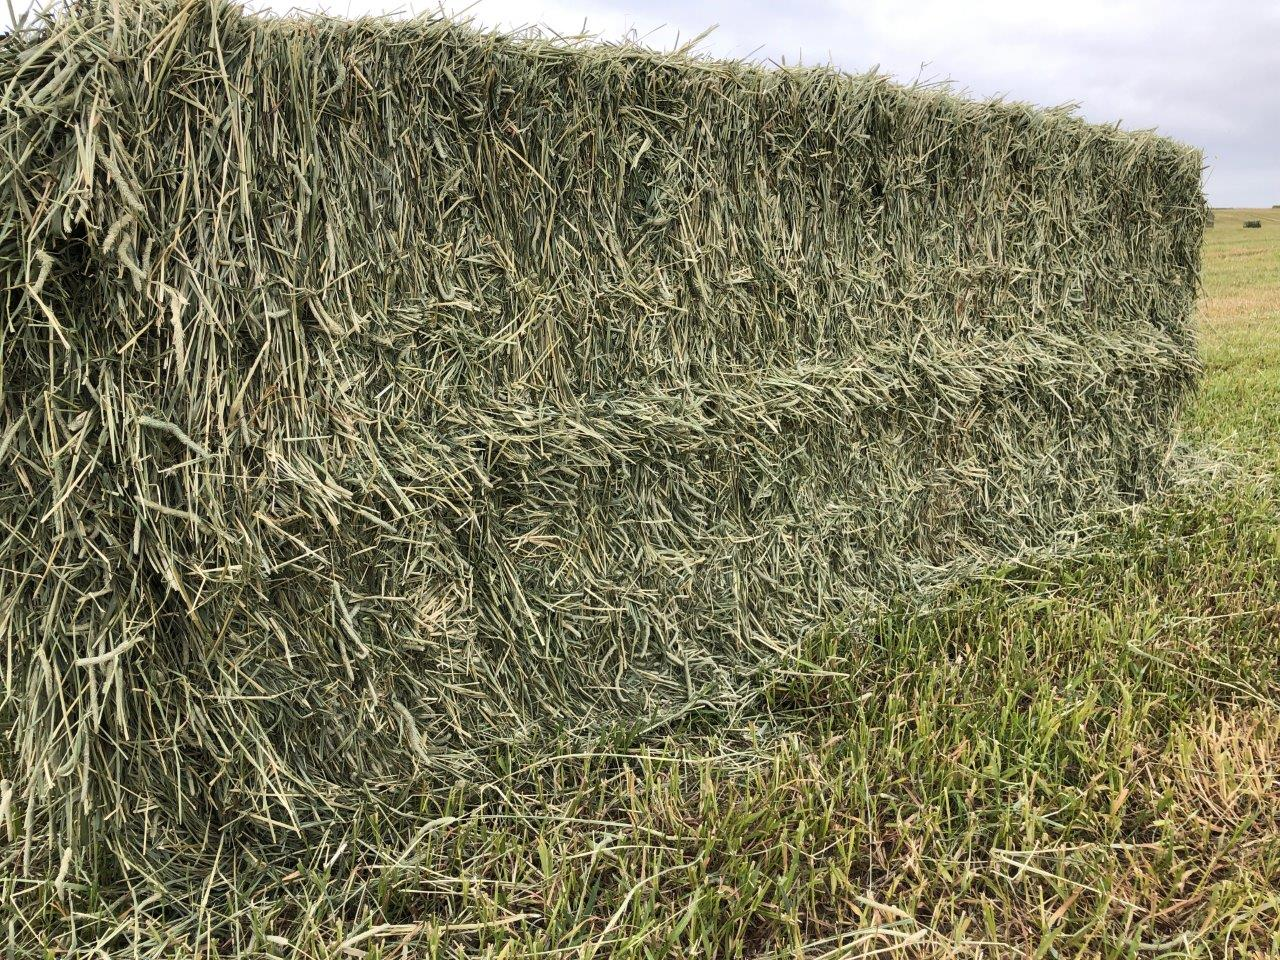 1st Timothy 第一次割刈梯牧草